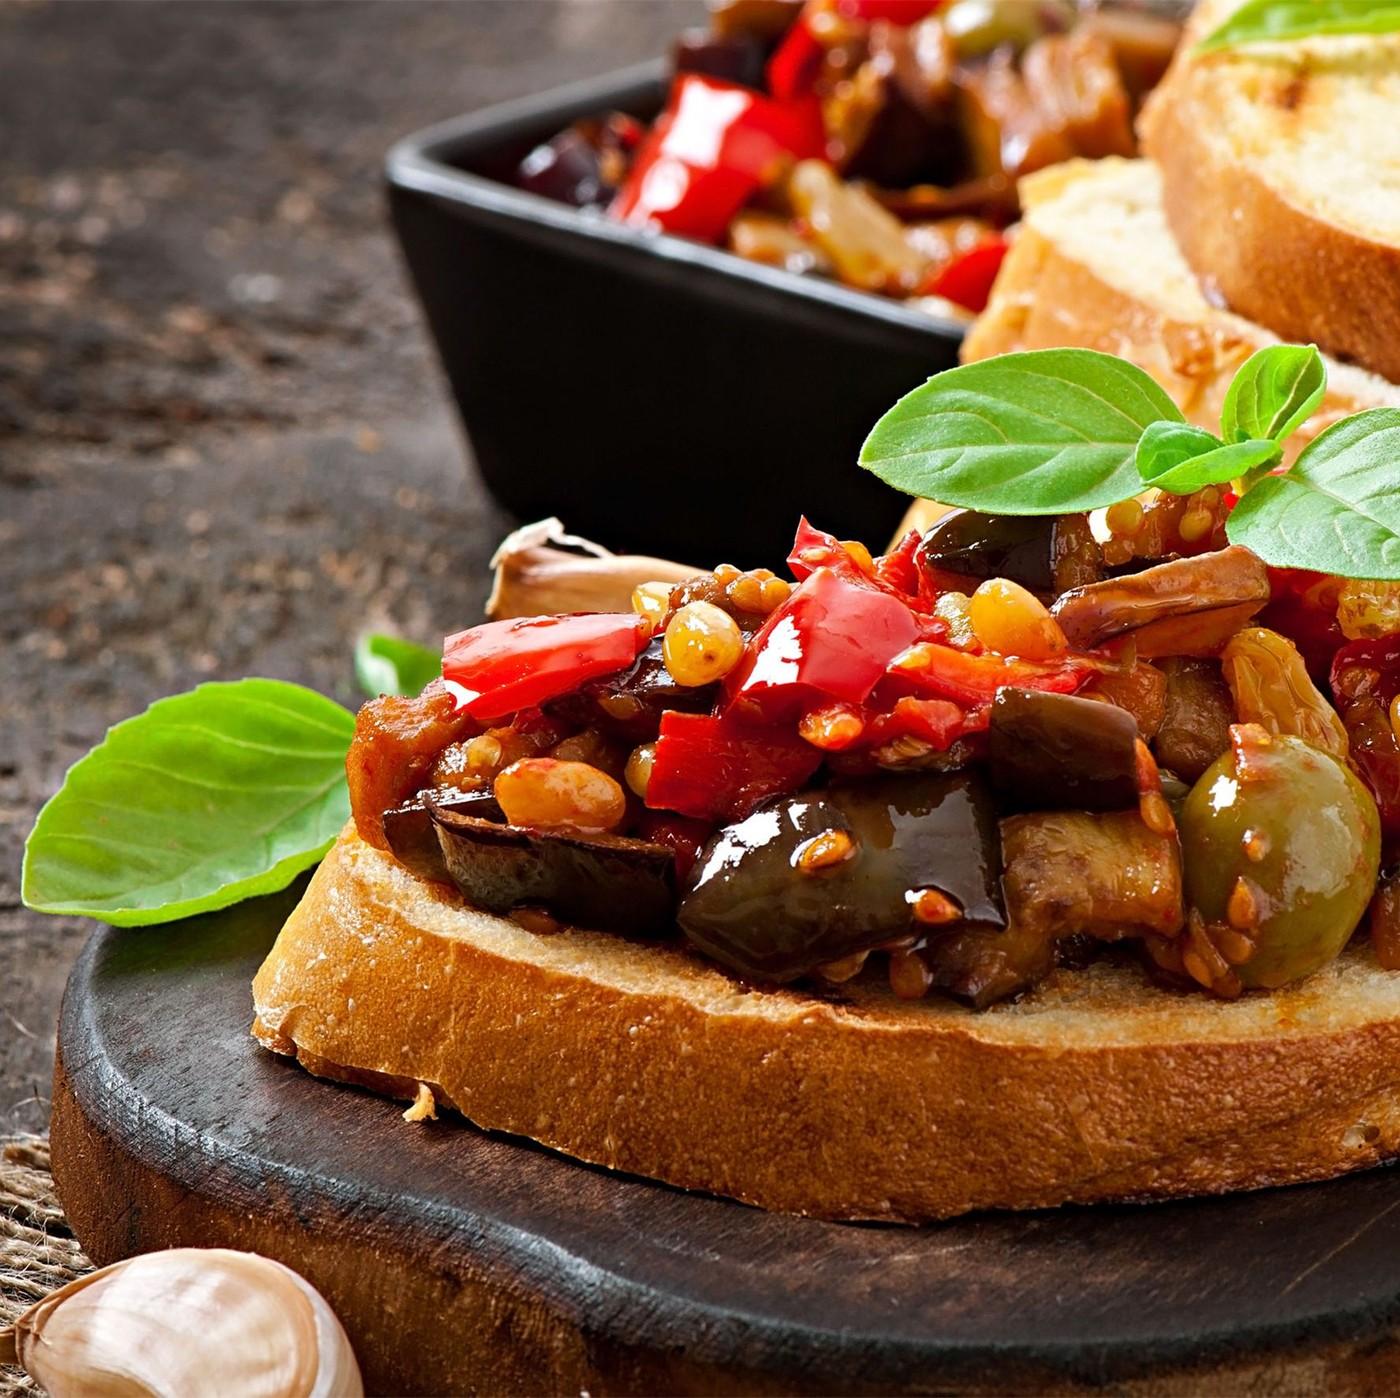 receta de Bruschetta picante con verduras y setas